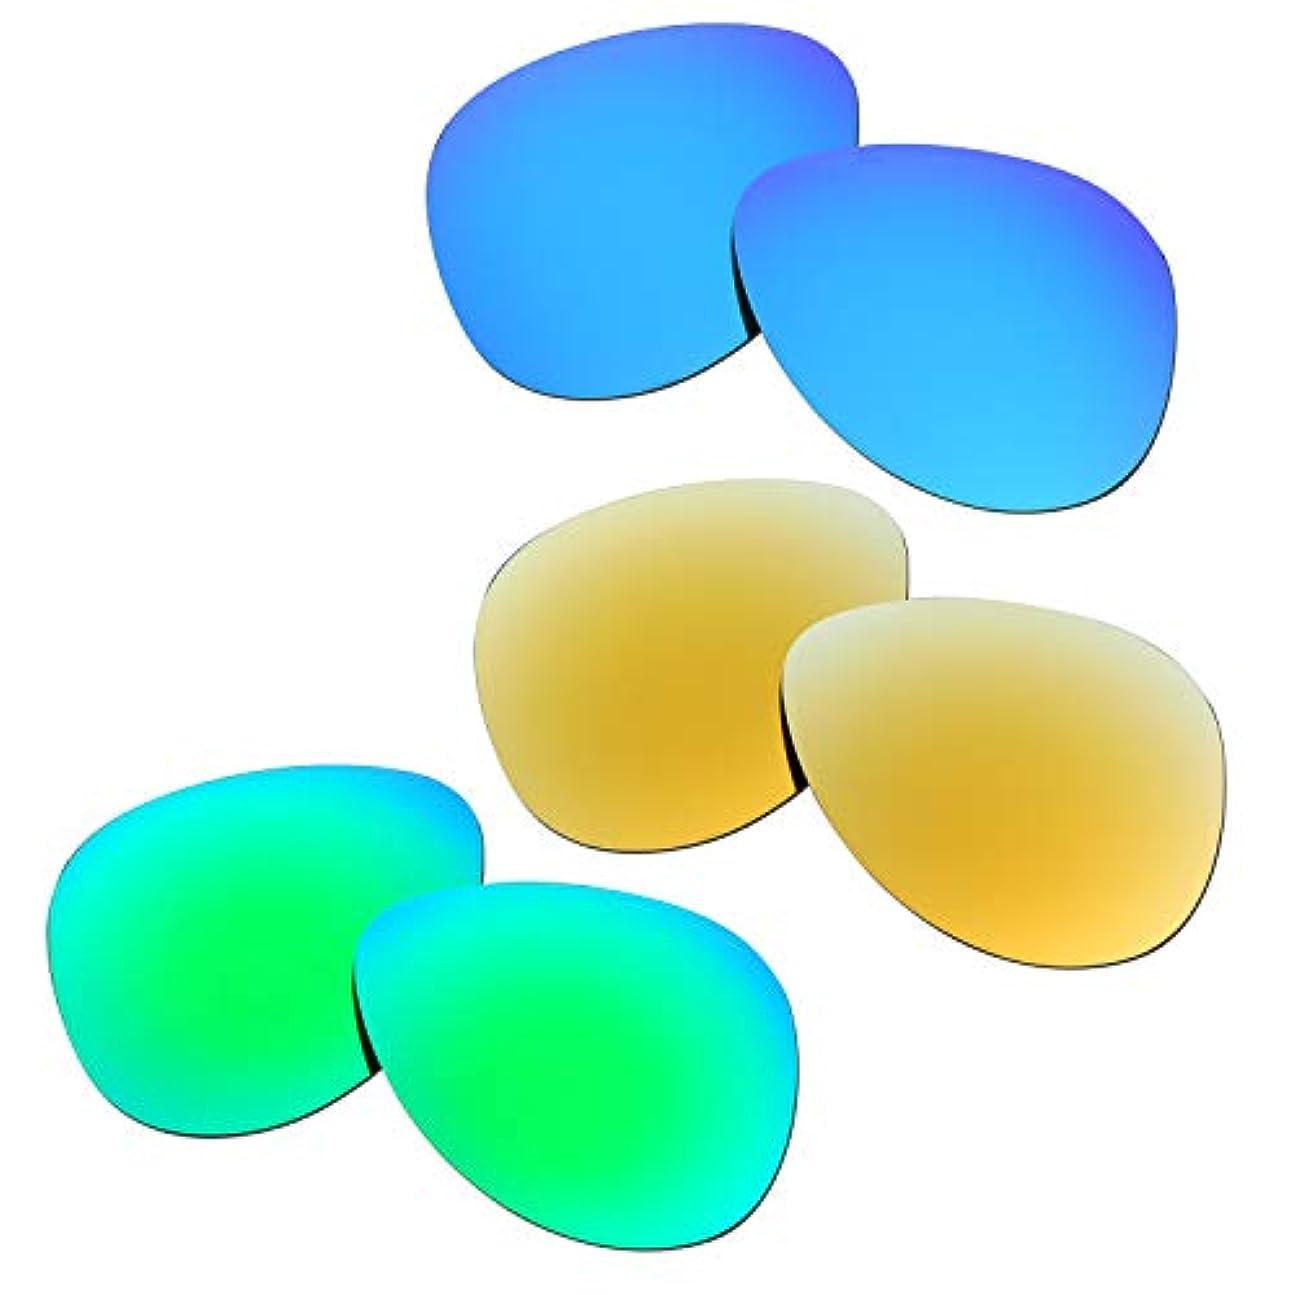 見習い優れた鎮静剤SOODASE 為に Oakley Elmont Large サングラス ブルー/きんいろ/グリーン 偏光交換使用するレンズ